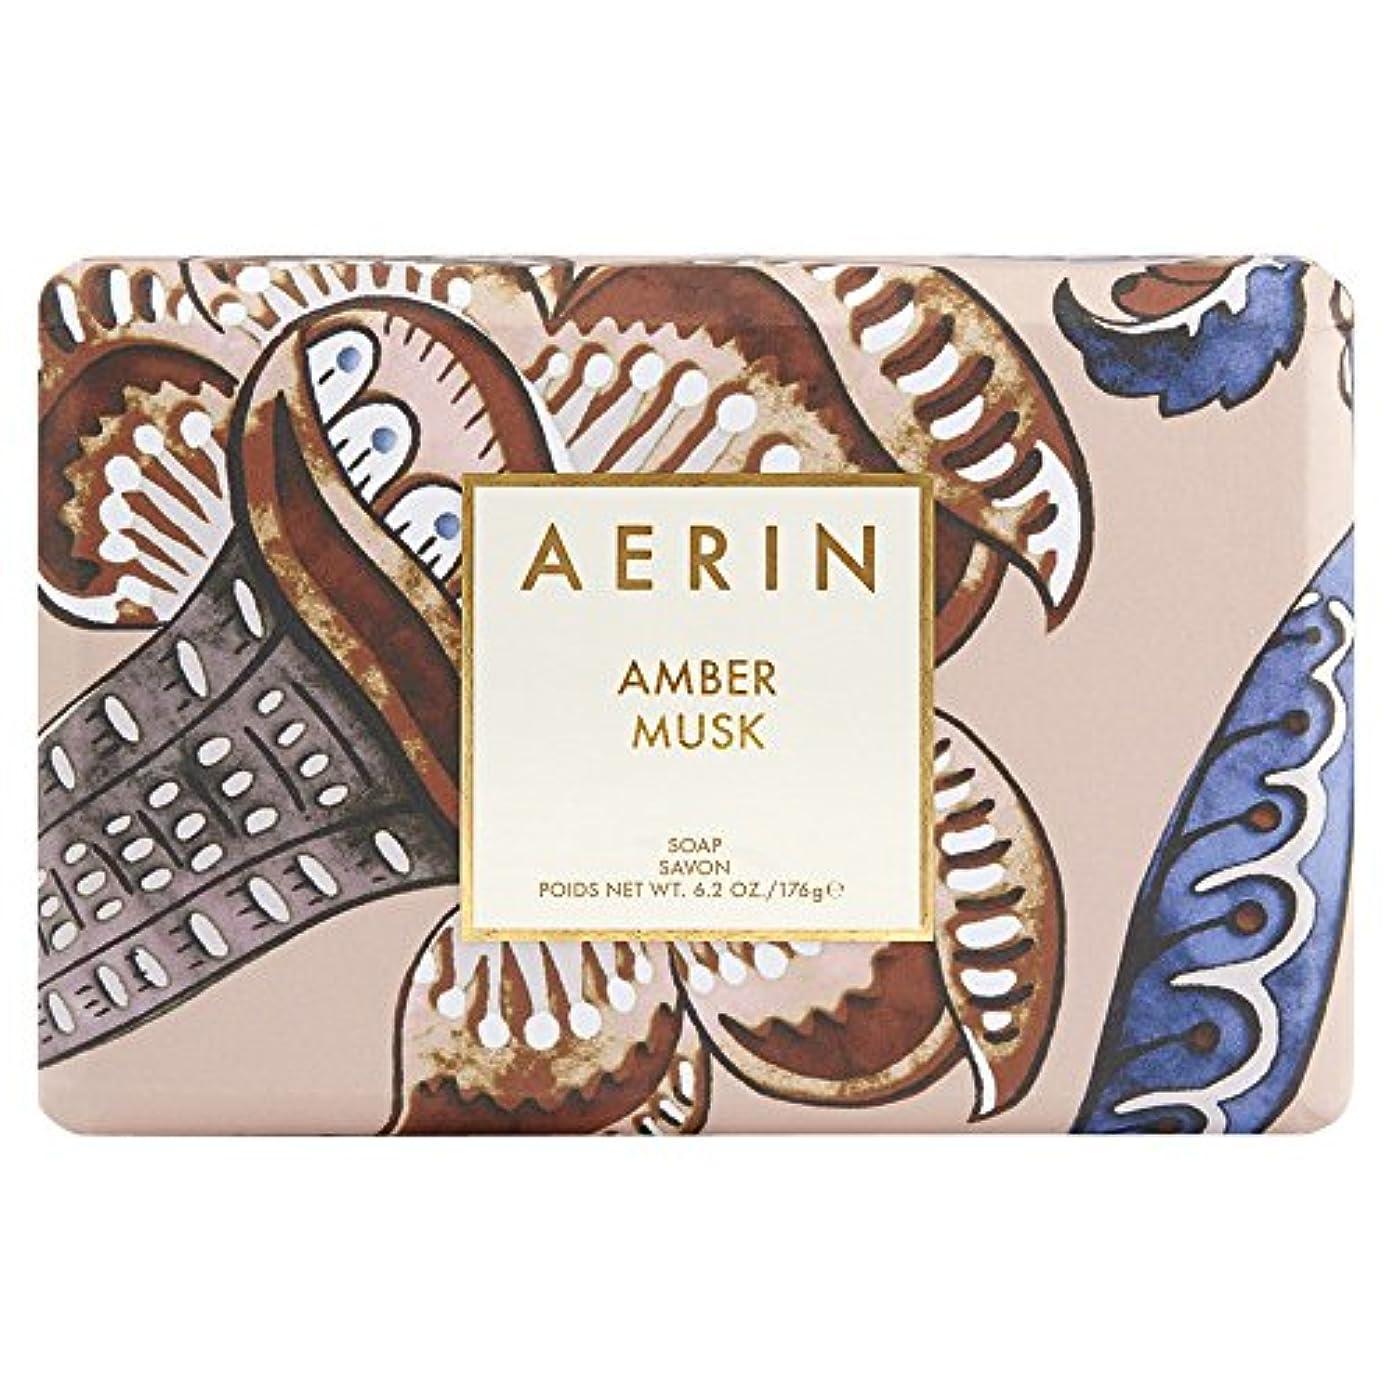 品クライマックス混乱Aerinアンバームスクソープ176グラム (AERIN) - AERIN Amber Musk Soap 176g [並行輸入品]